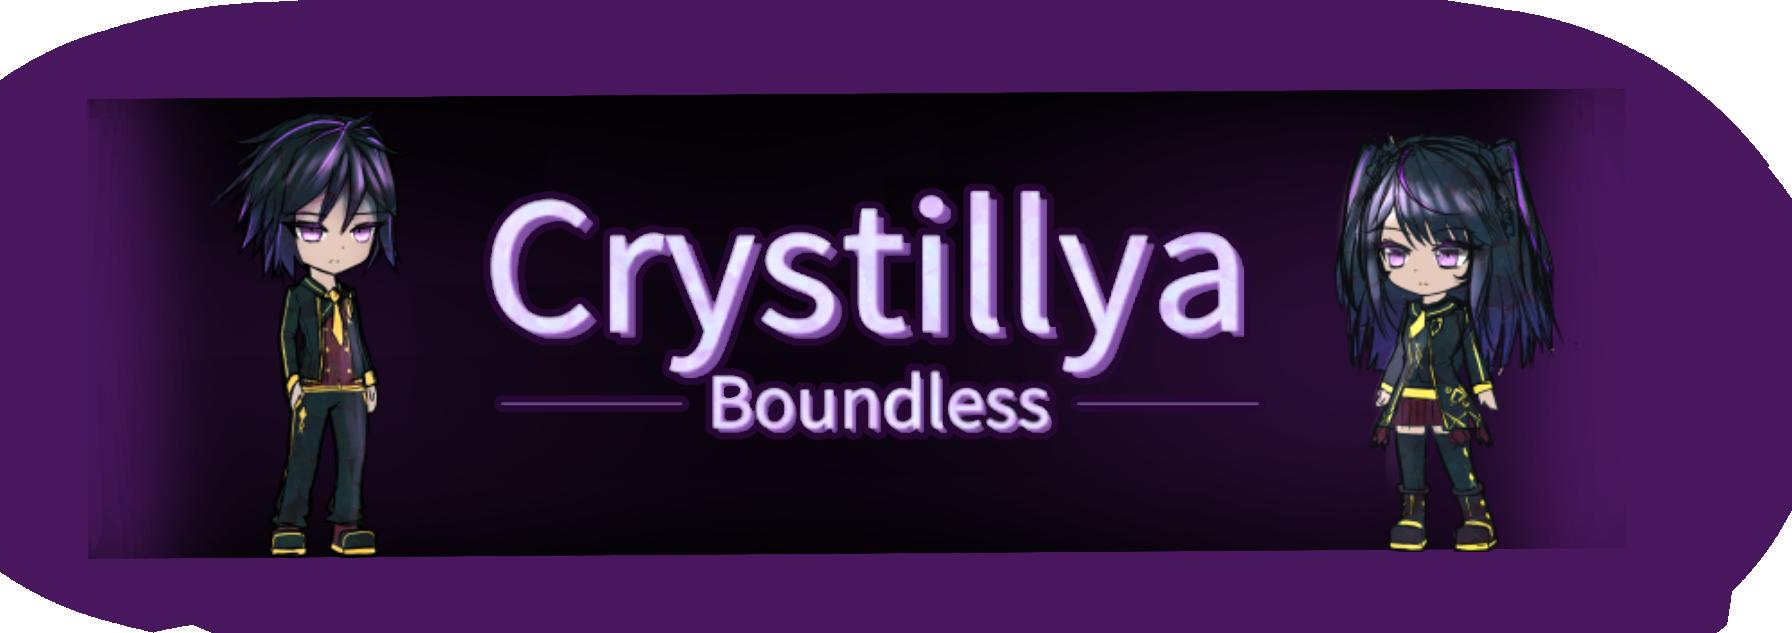 Crystillya - Boundless [Brackeys Jam 2020.1]